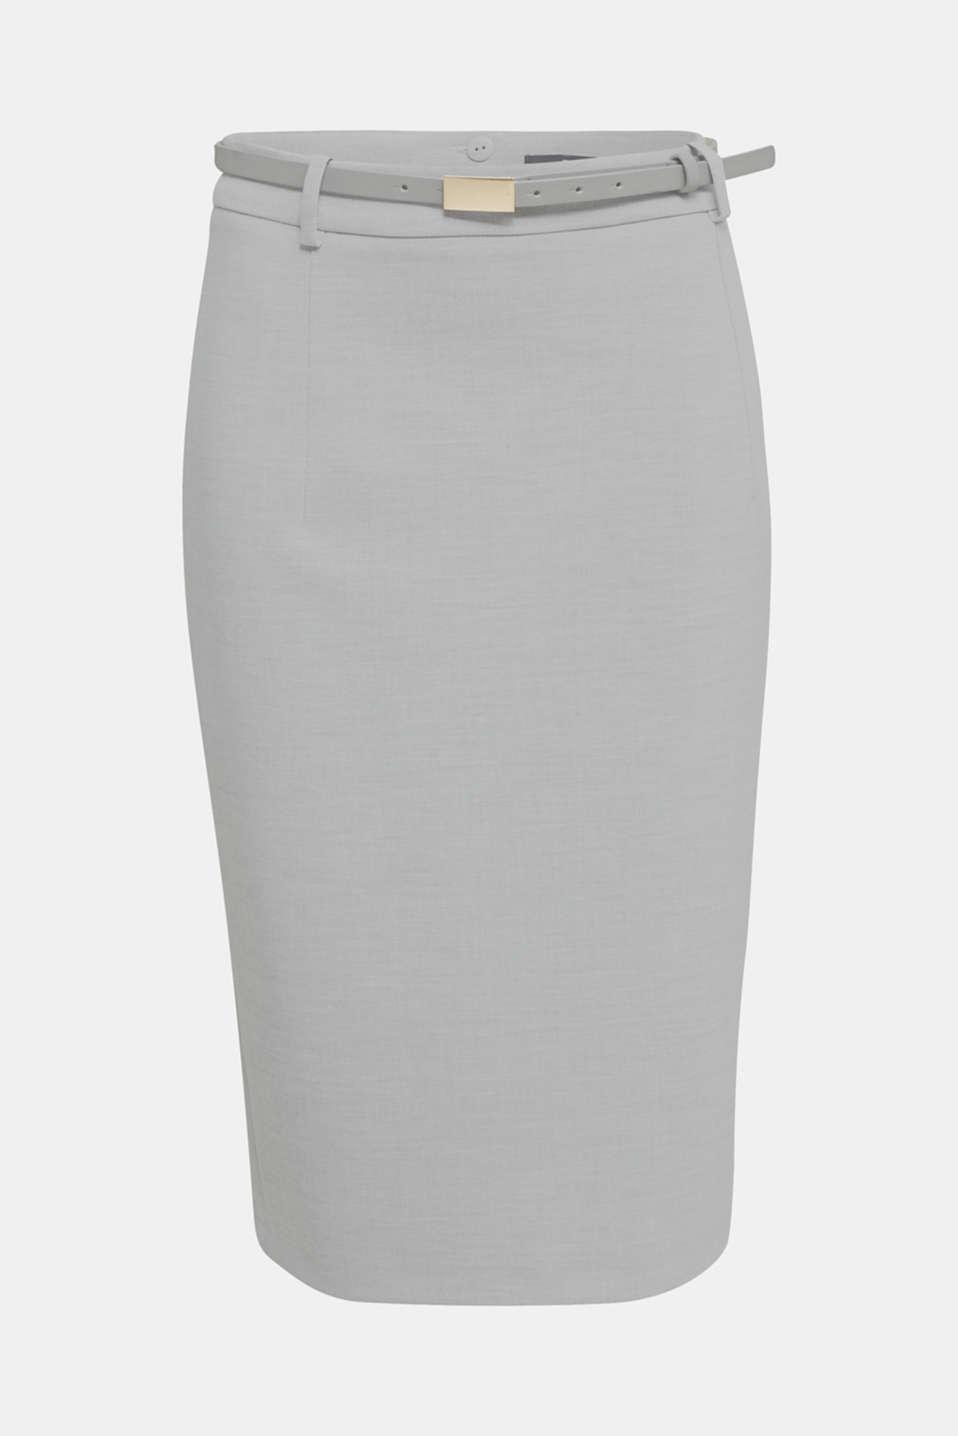 SUMMER BIZ mix + match skirt, LIGHT GREY 5, detail image number 5